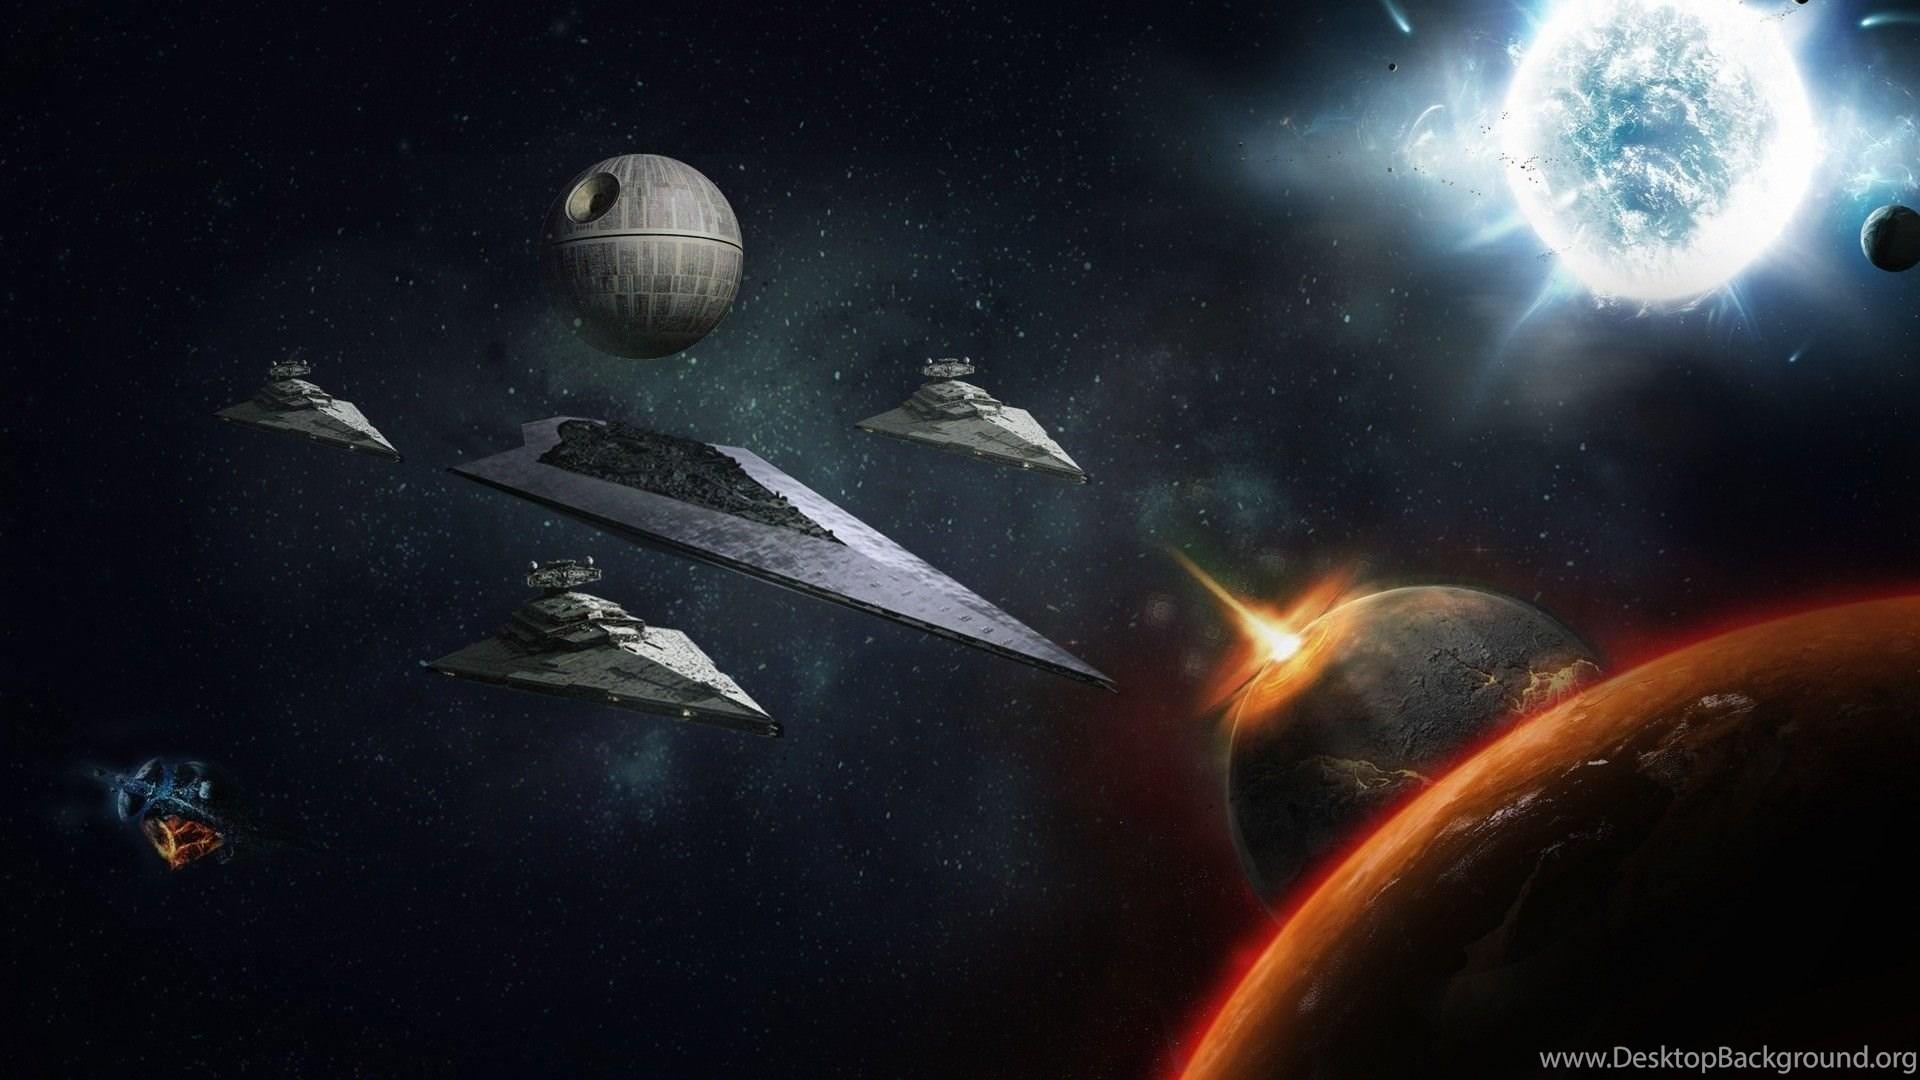 Star Wars Wallpapers Hd Stay035 Desktop Background